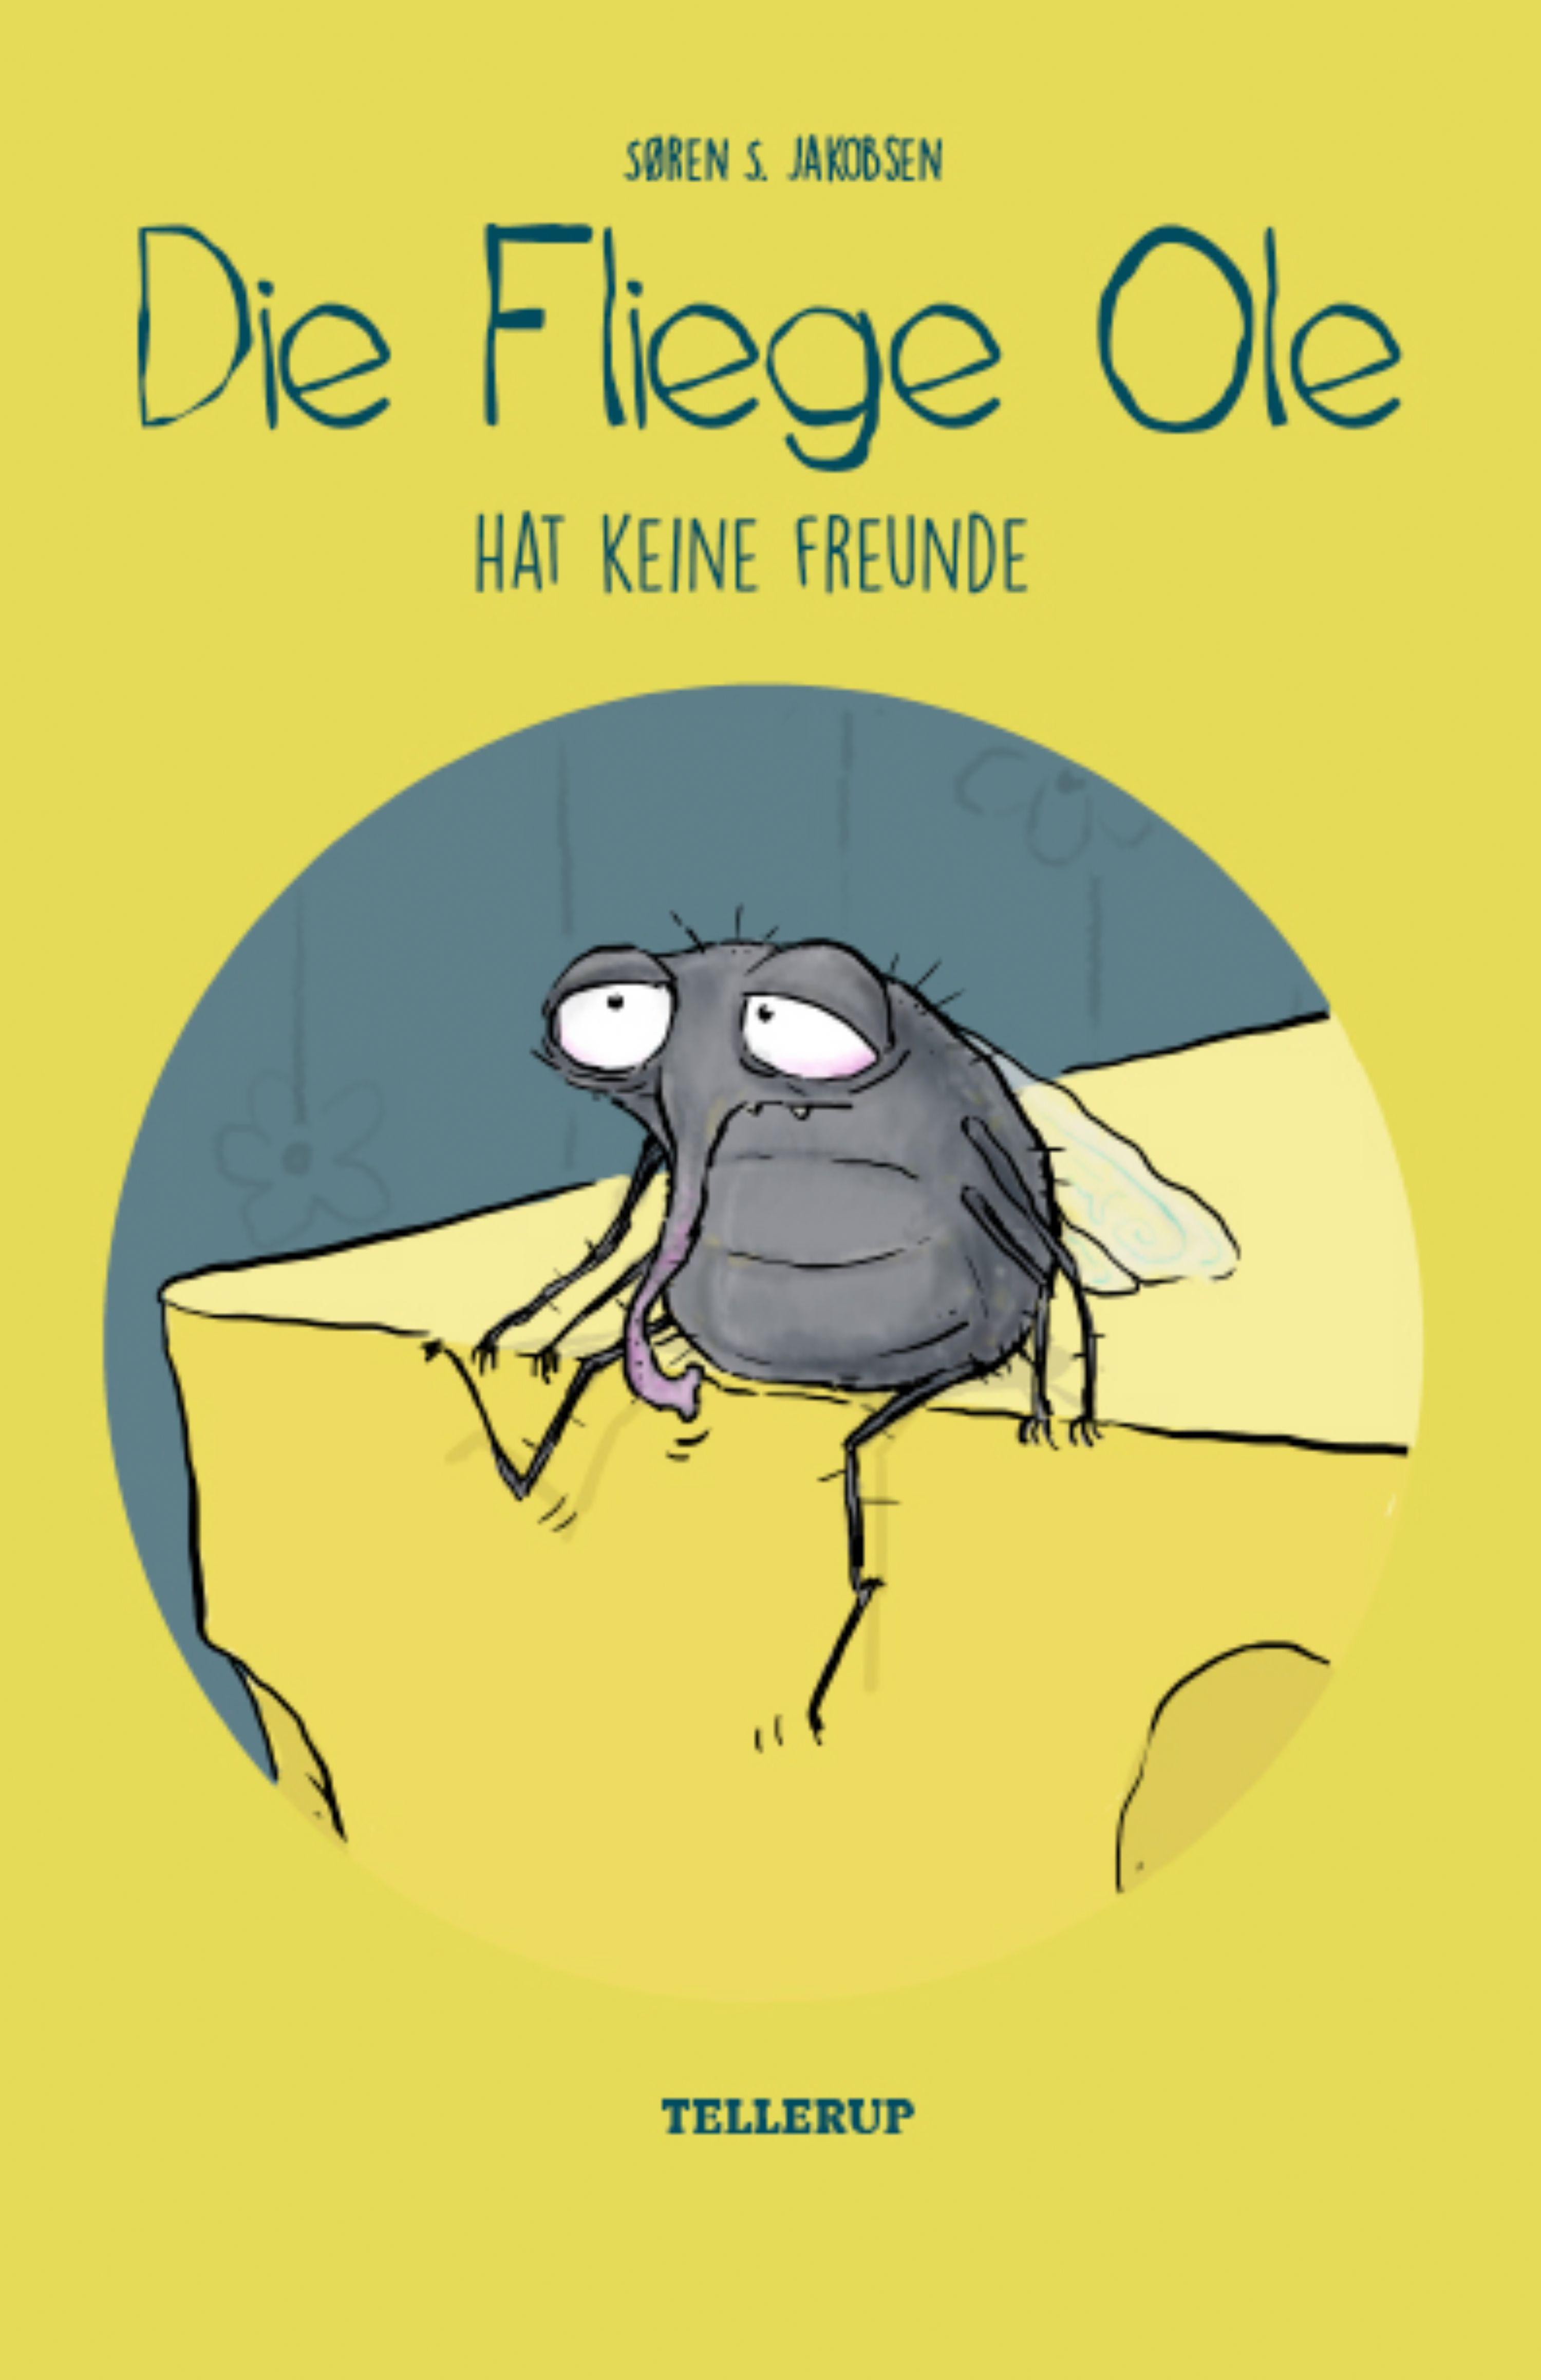 Die Fliege Ole #3: Die Fliege Ole hat keine Freunde - Maneno - 14008